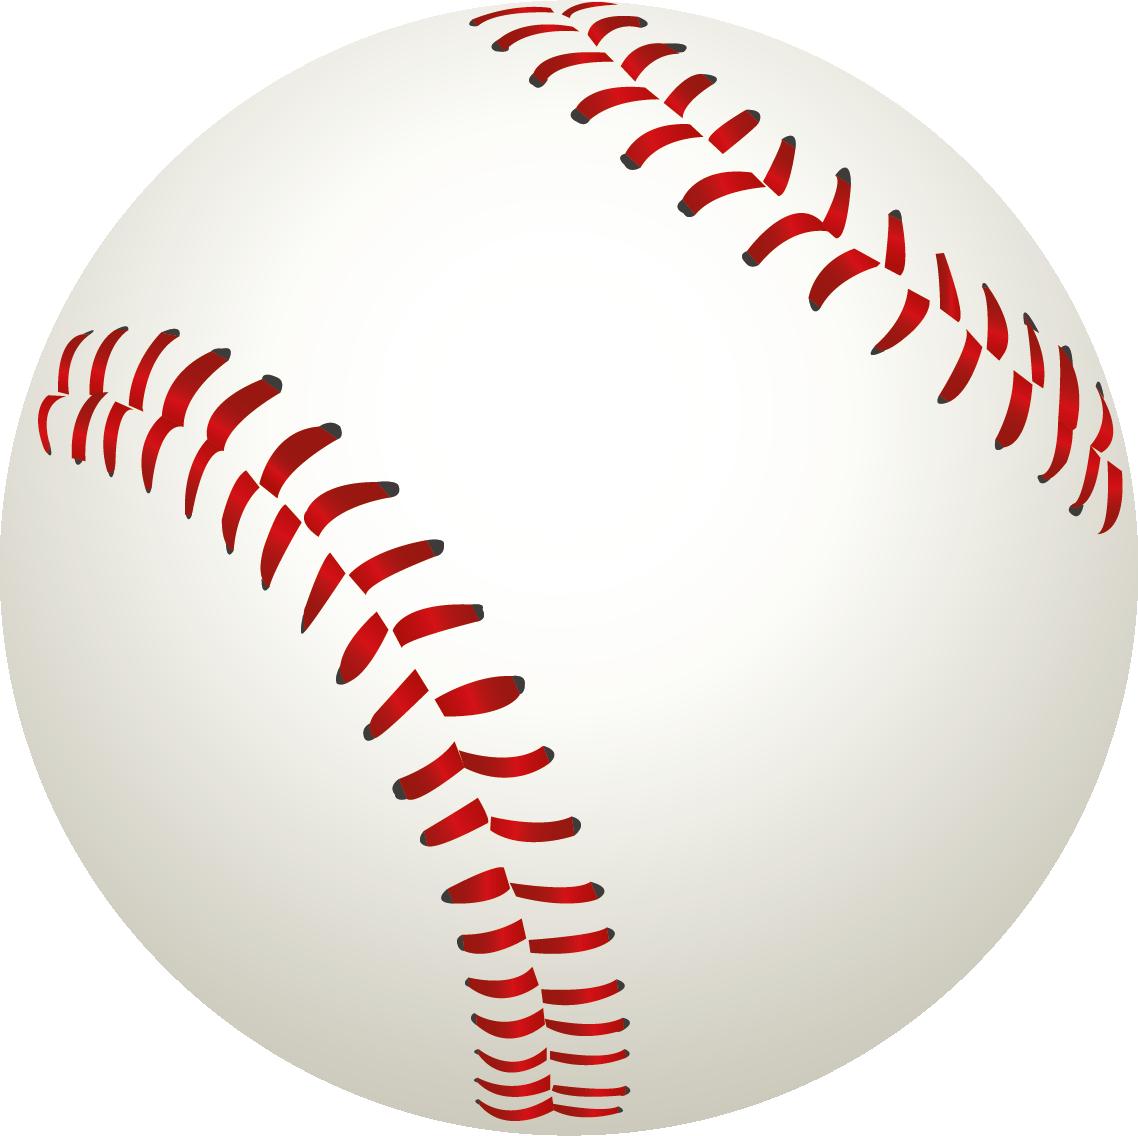 Baseball Bat And Ball Clipart   Clipart Panda - Free ...